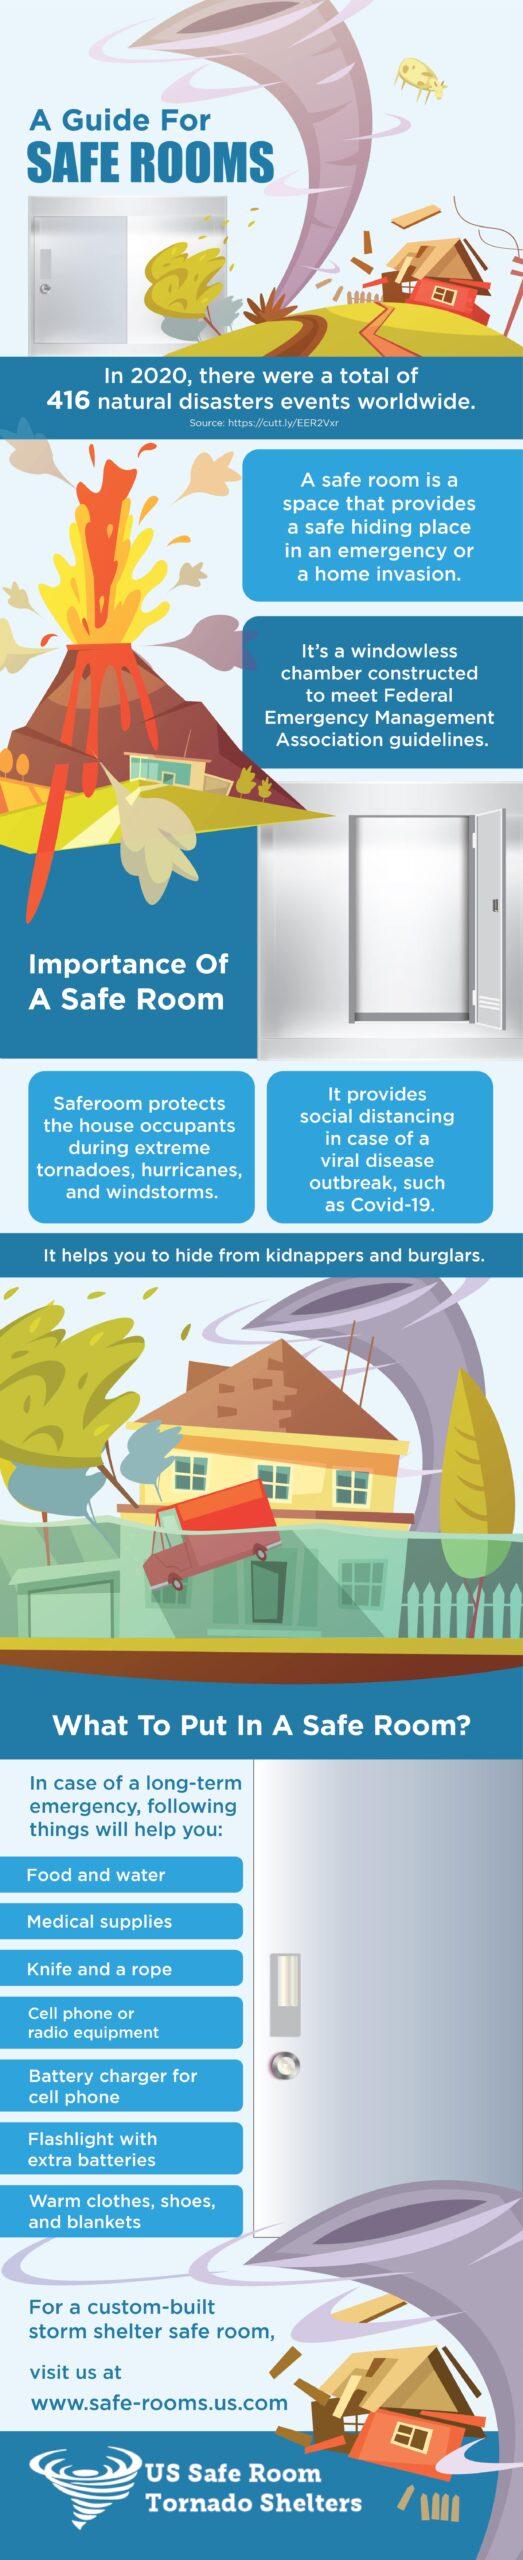 safe room guide